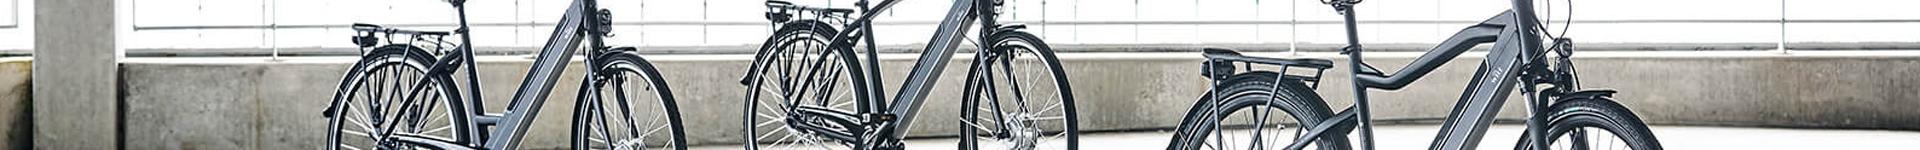 WITT - Elcykler og cykelhjelme